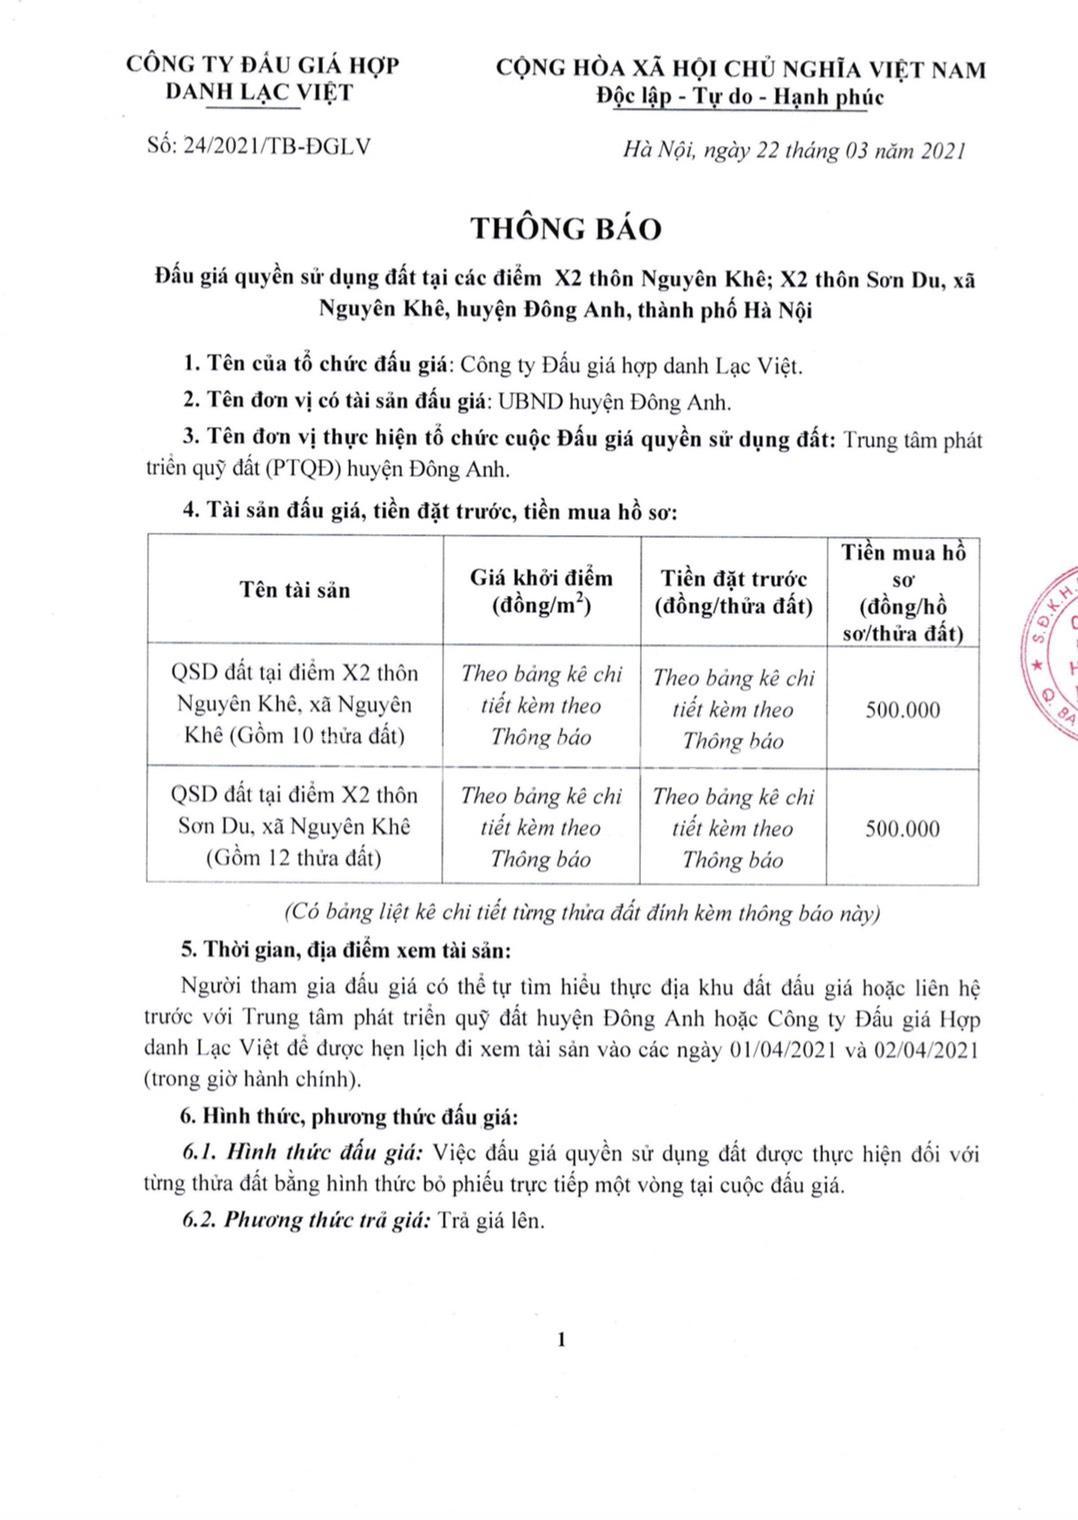 Thông báo đấu giá quyền sử dụng đất Đông Anh X2 Sơn Du, X2 Nguyên Khê